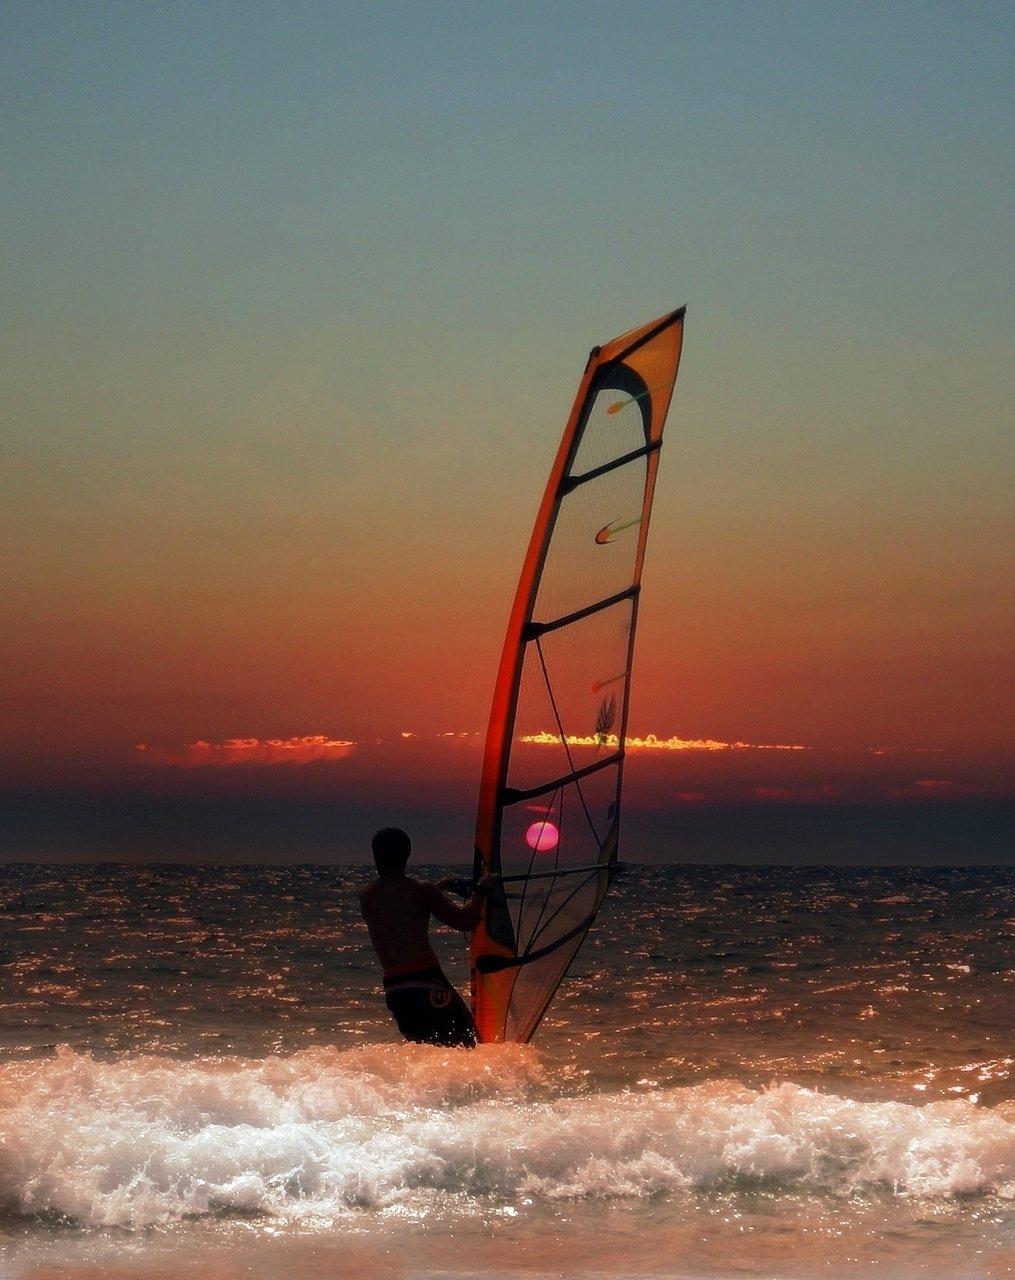 это блюдо ловец солнца фото закаты человеку